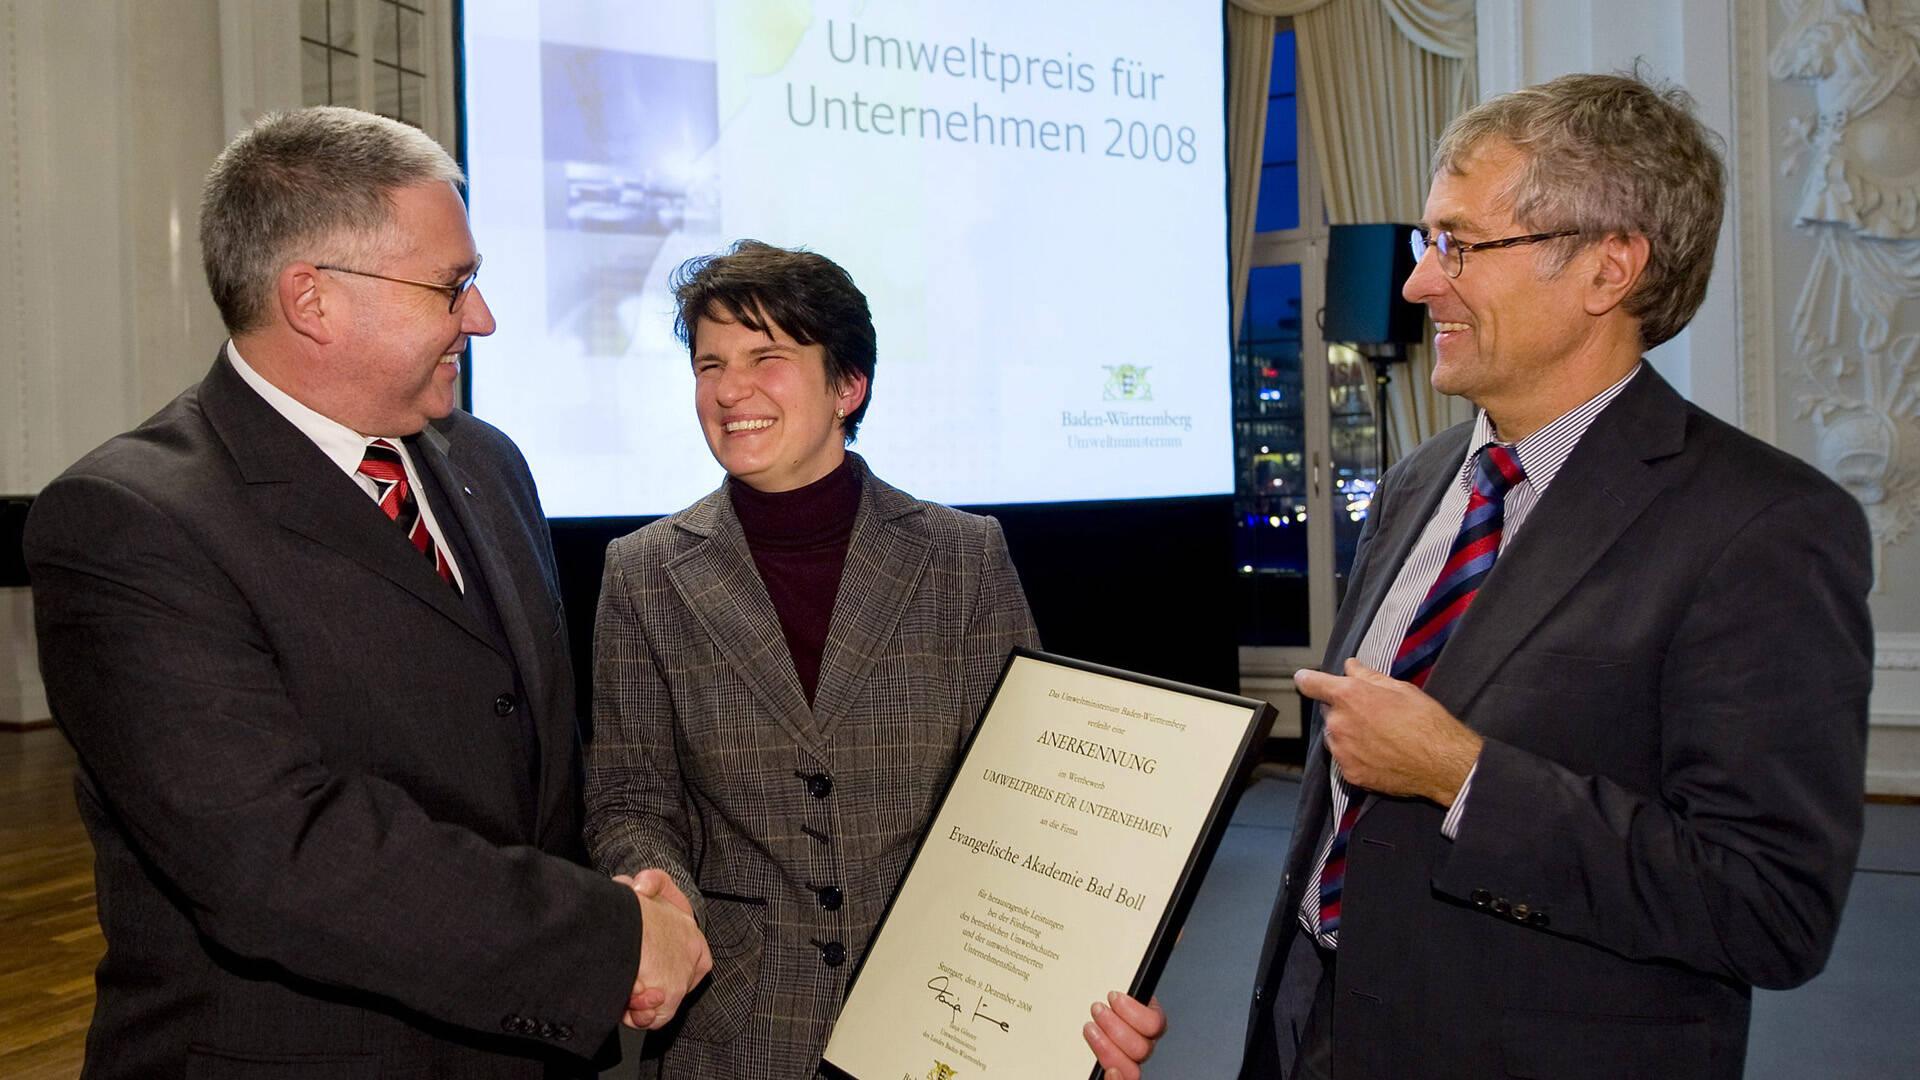 Akademie-Geschäftsführer Achim Ganßloser, die damalige Umweltministerin Baden-Württembergs, Tanja Gönnen, und Studienleiter Jobst Kraus.